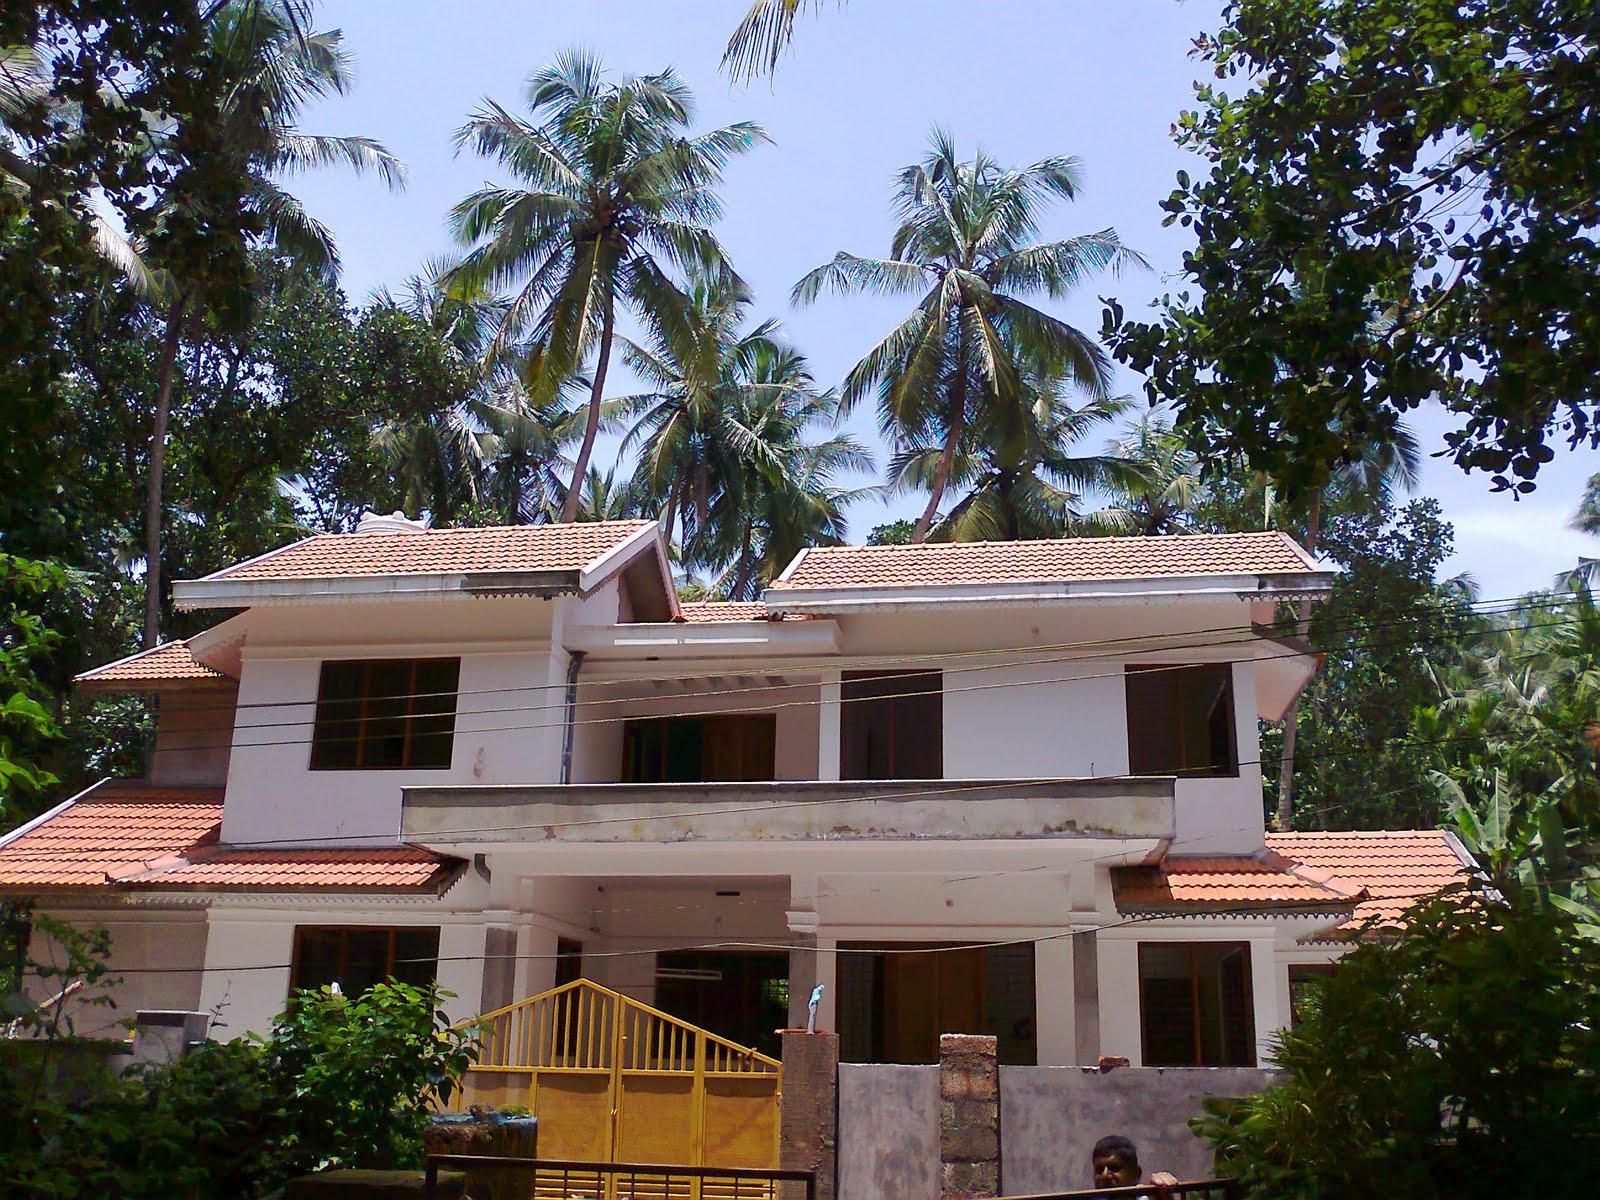 sq ft duplex house plans